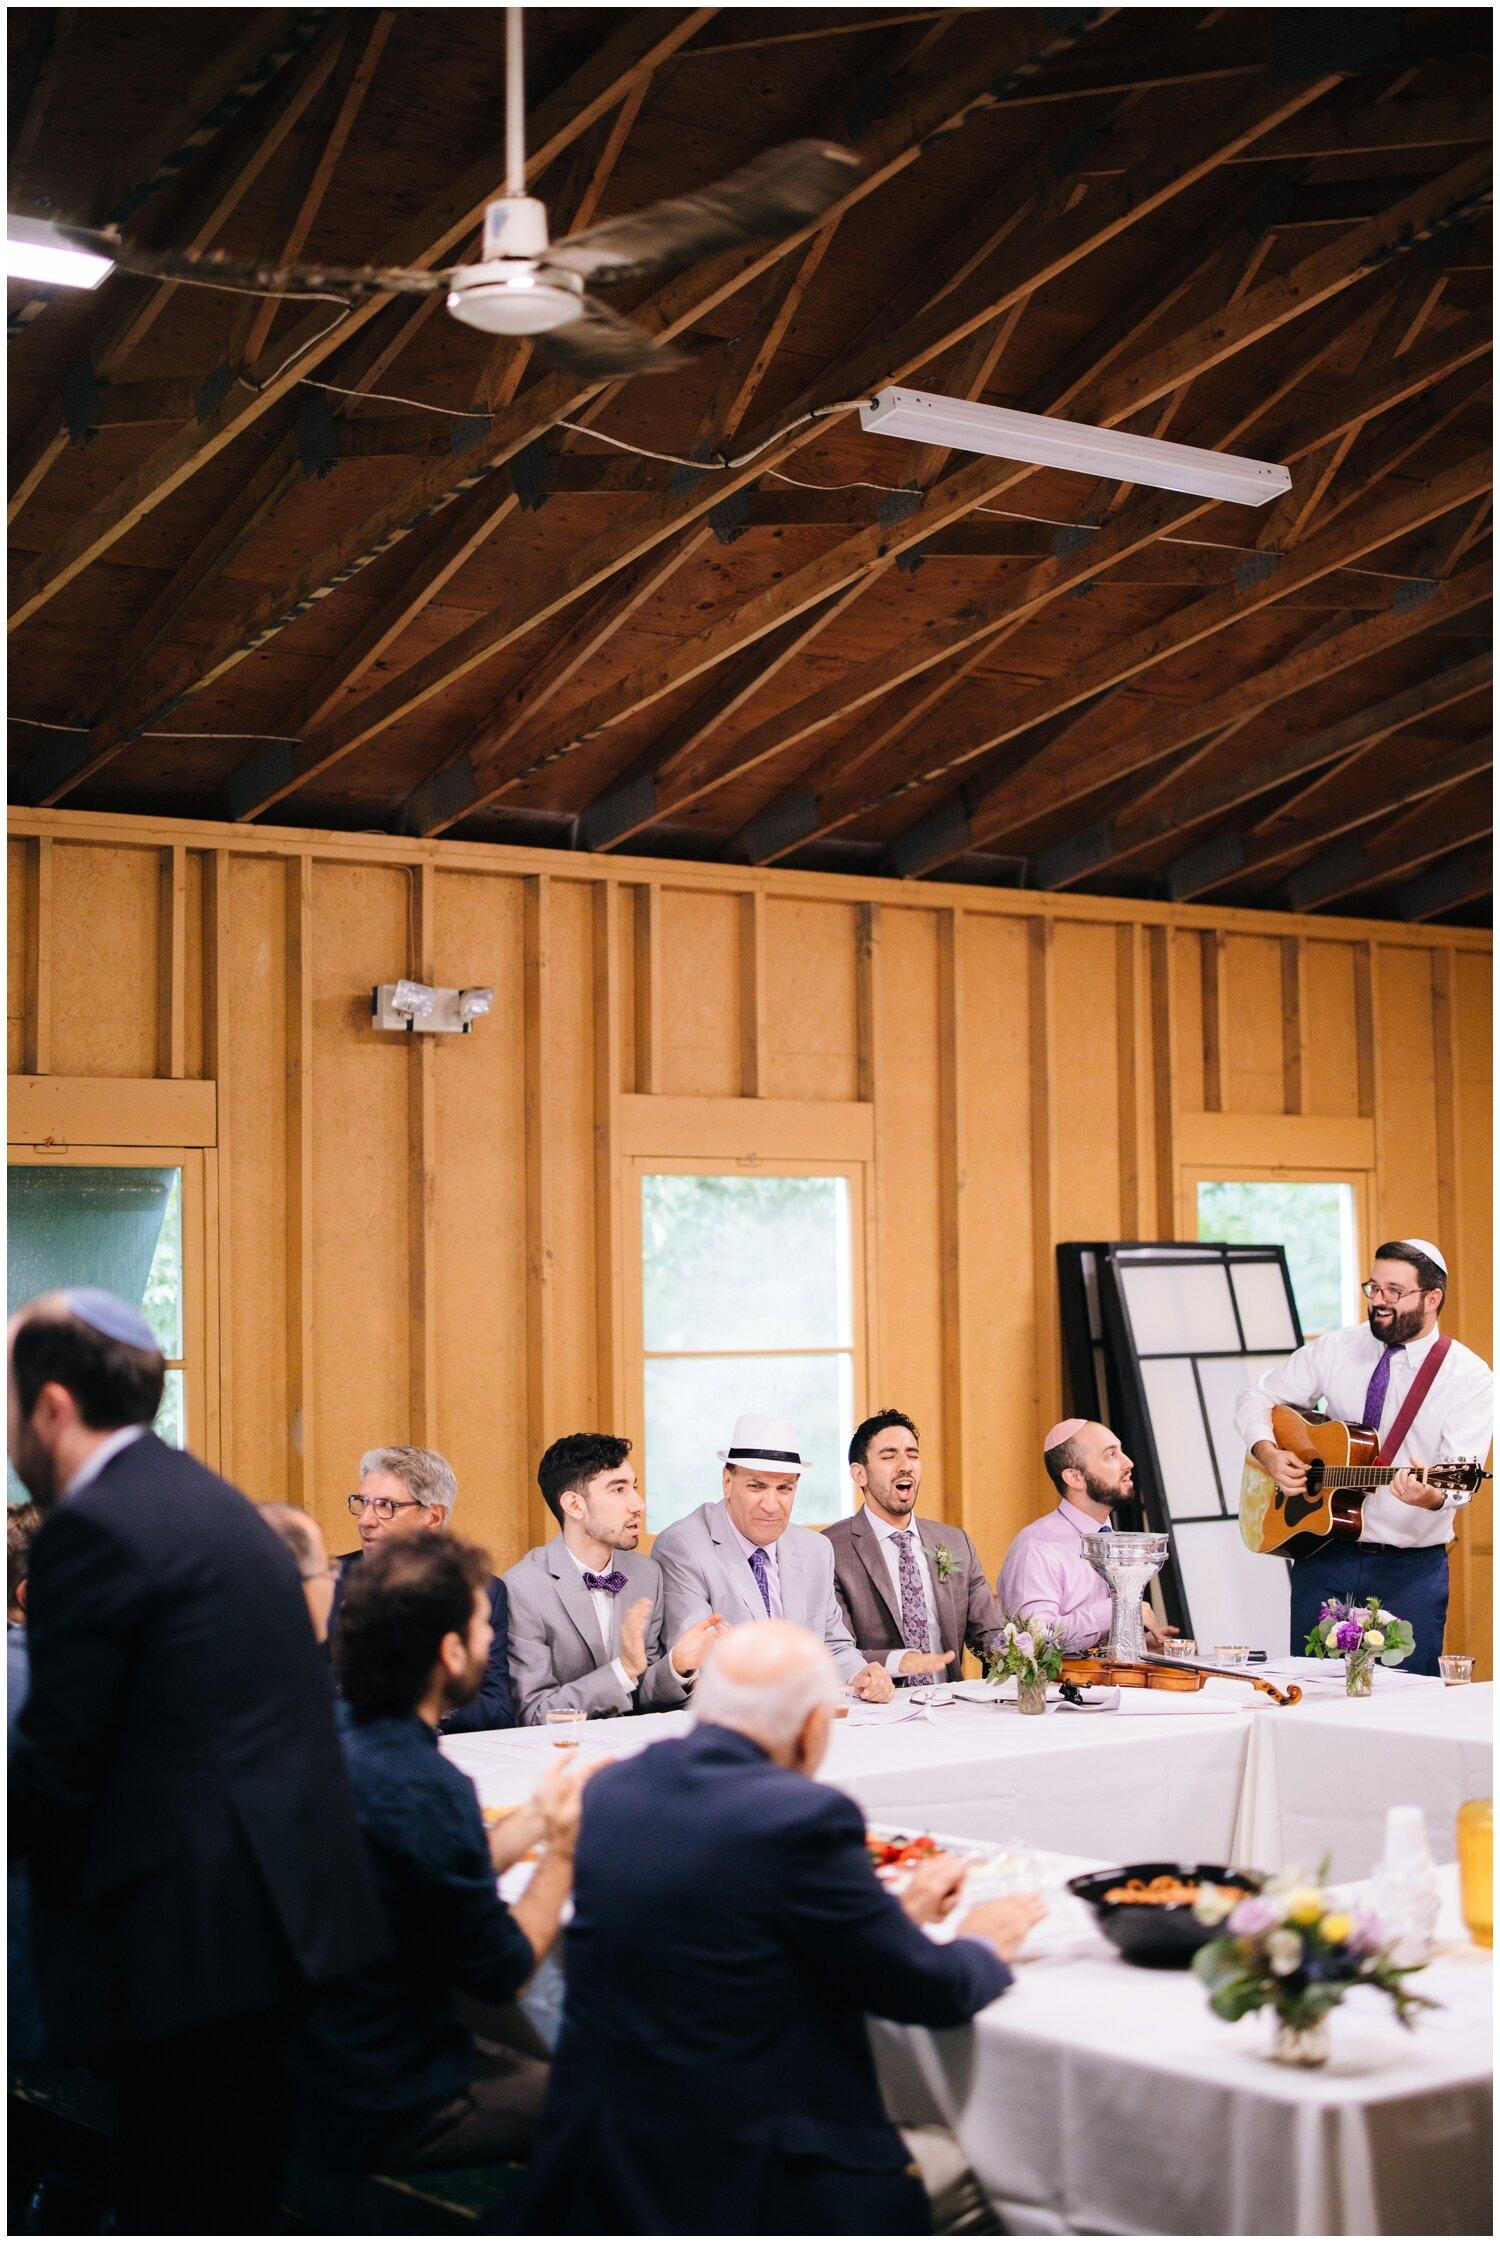 Camp Laurelwood Wedding - Leah + Yoni_0021.jpg